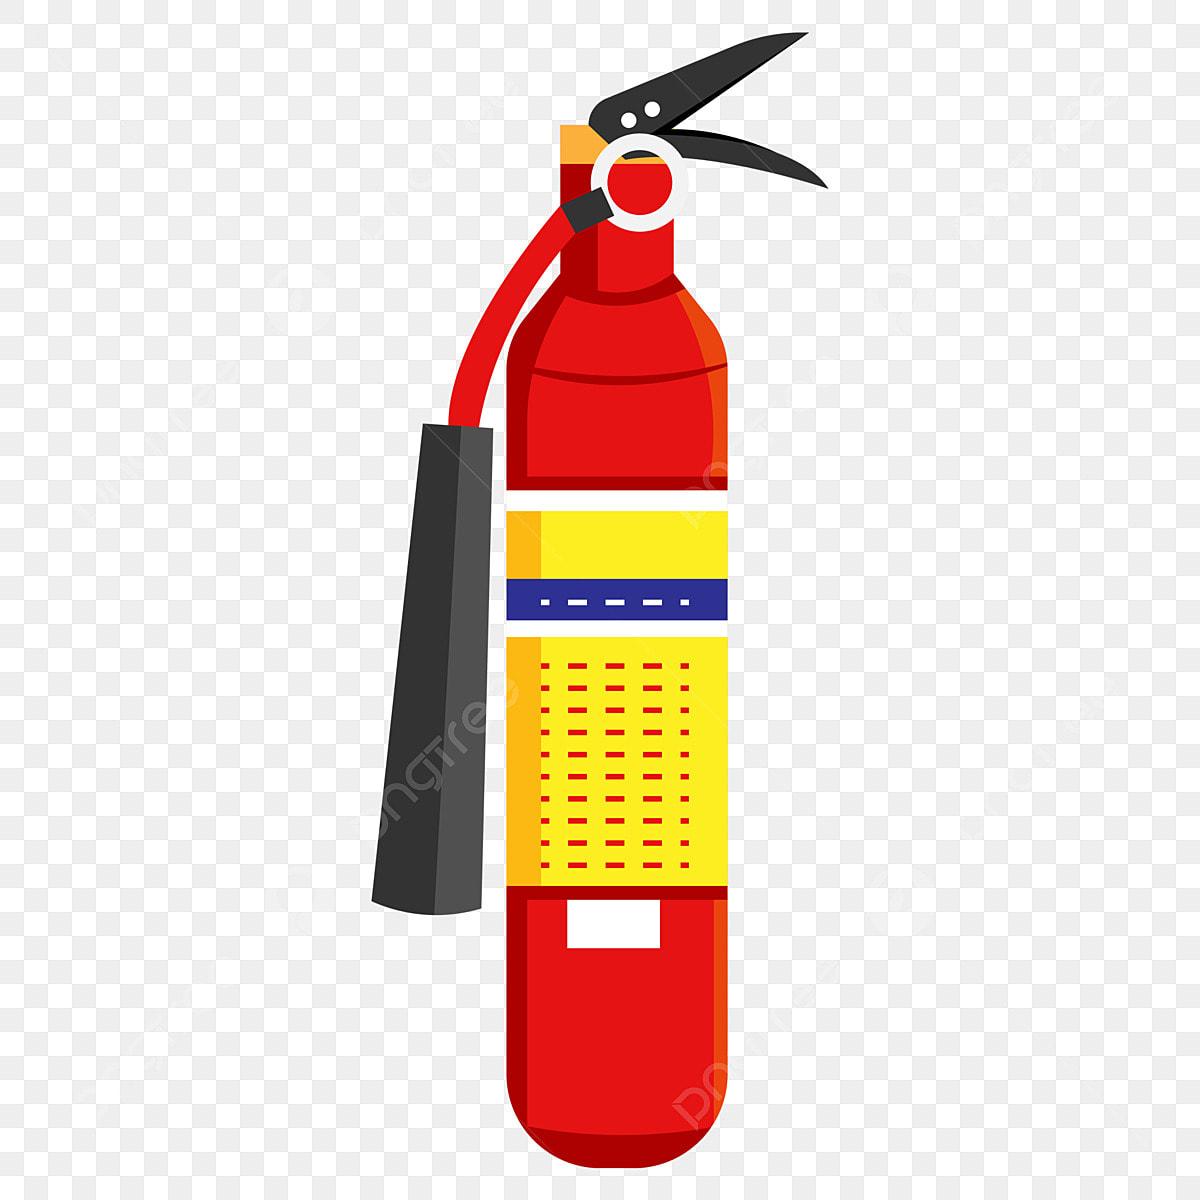 طفاية حريق معدات الكرتون منظمة العفو الدولية رسوم متحركة معدات النار Png والمتجهات للتحميل مجانا